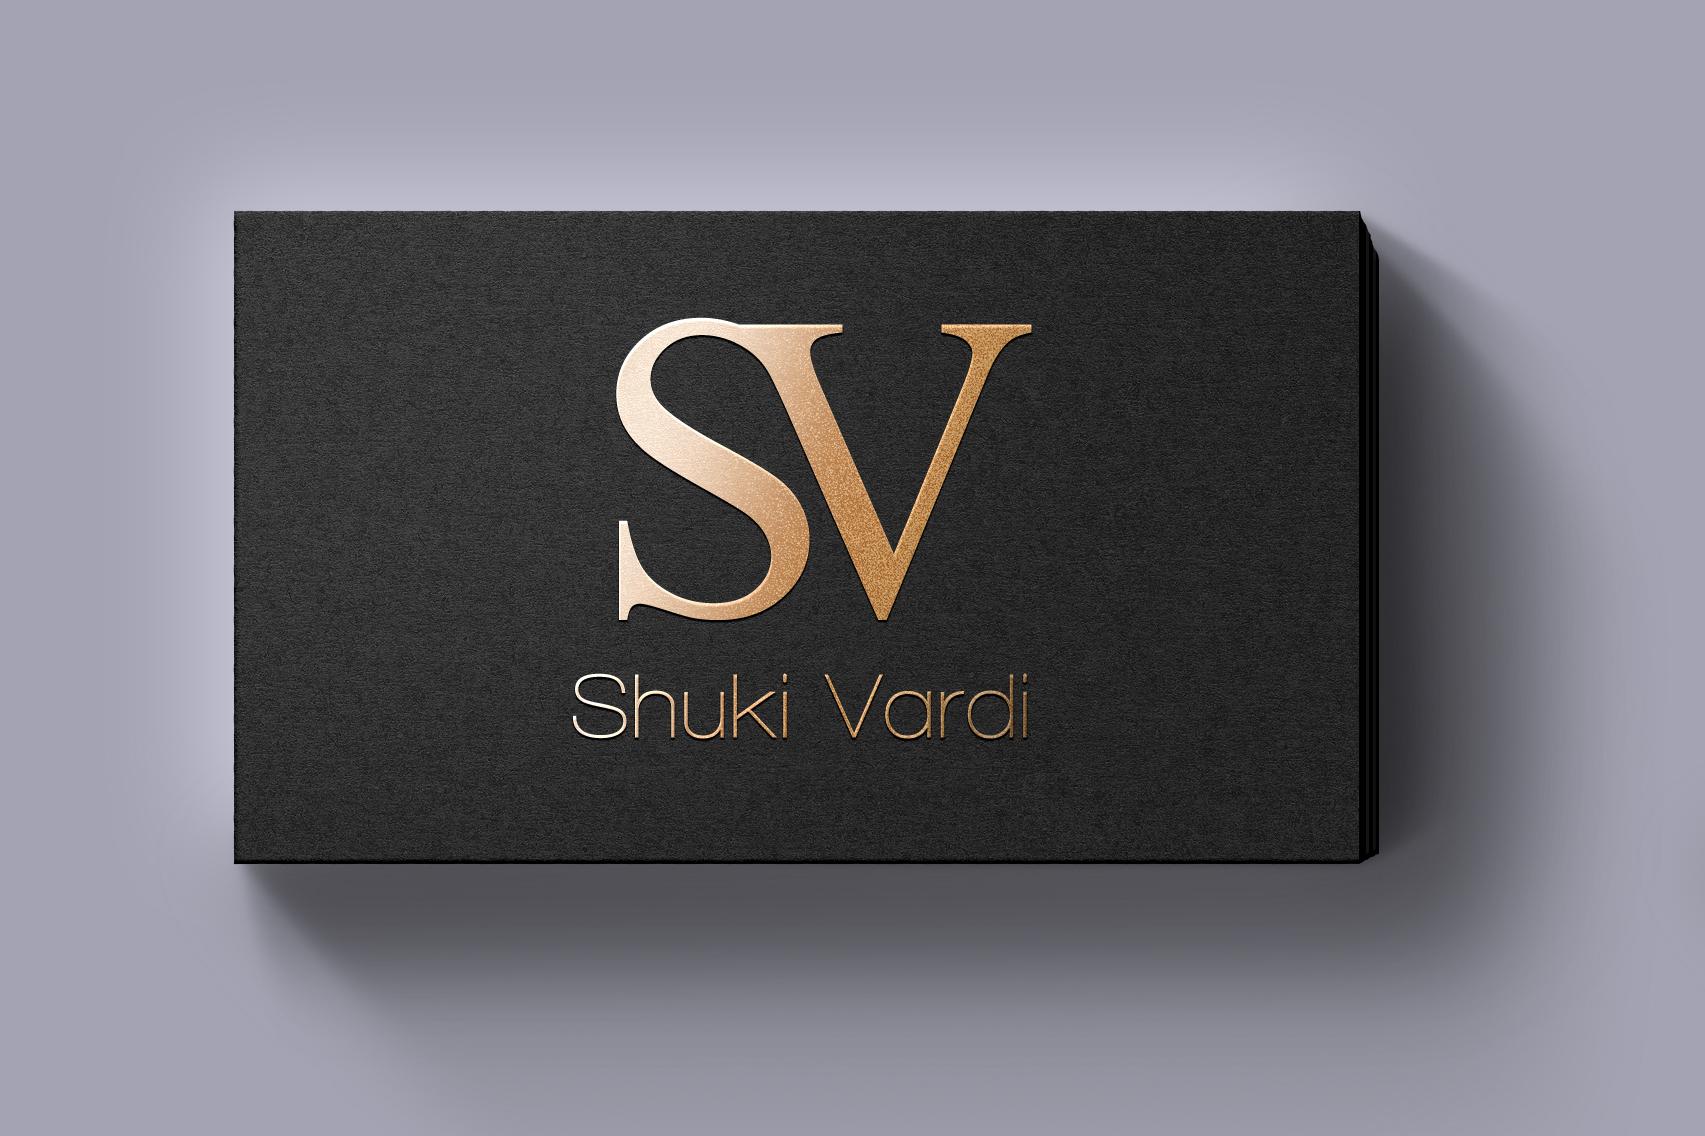 שוקי ורדי עיצוב לוגו